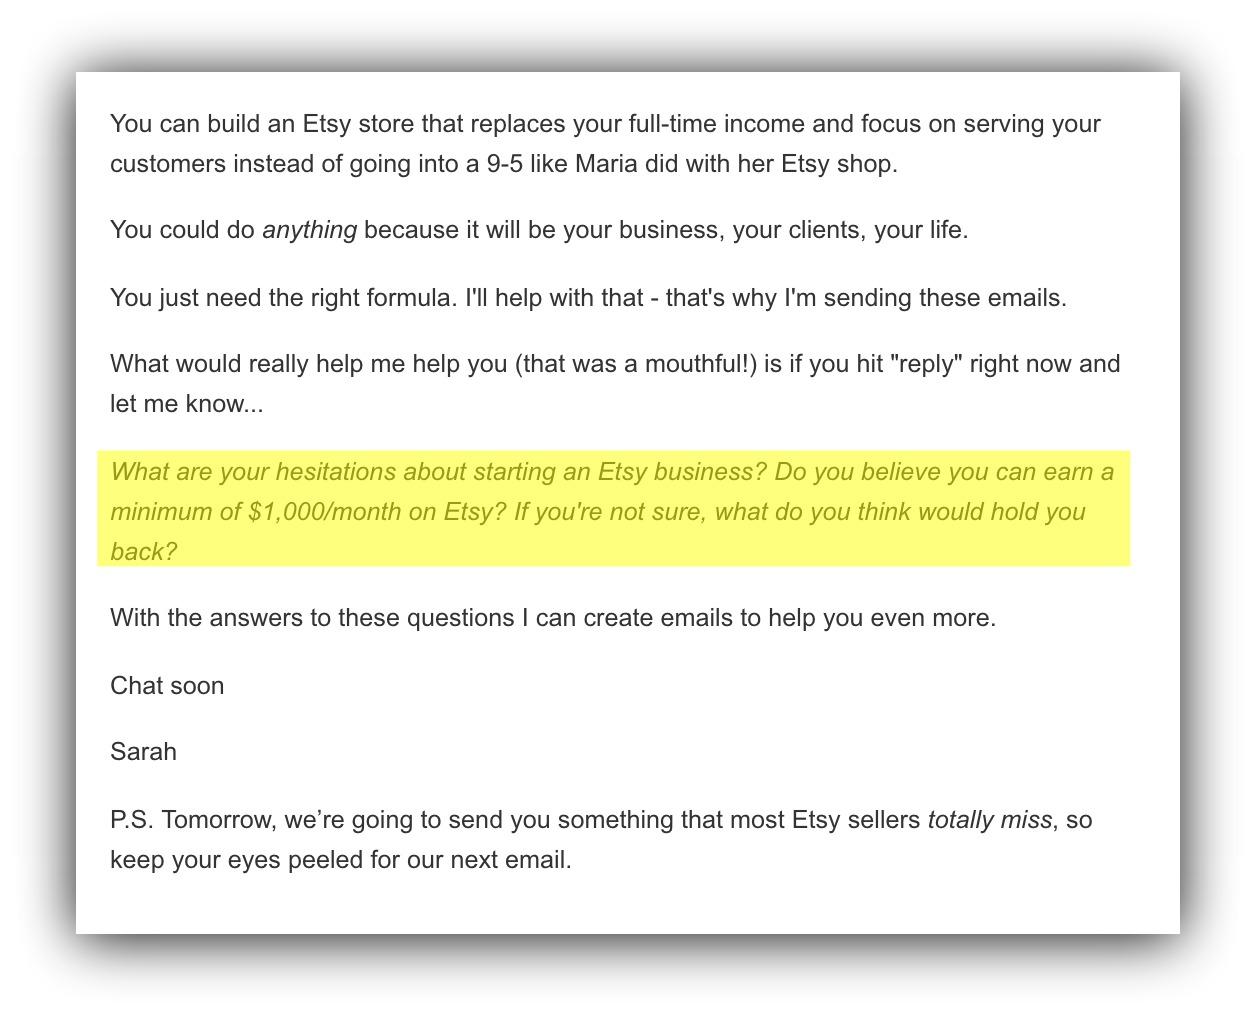 etsy store blog